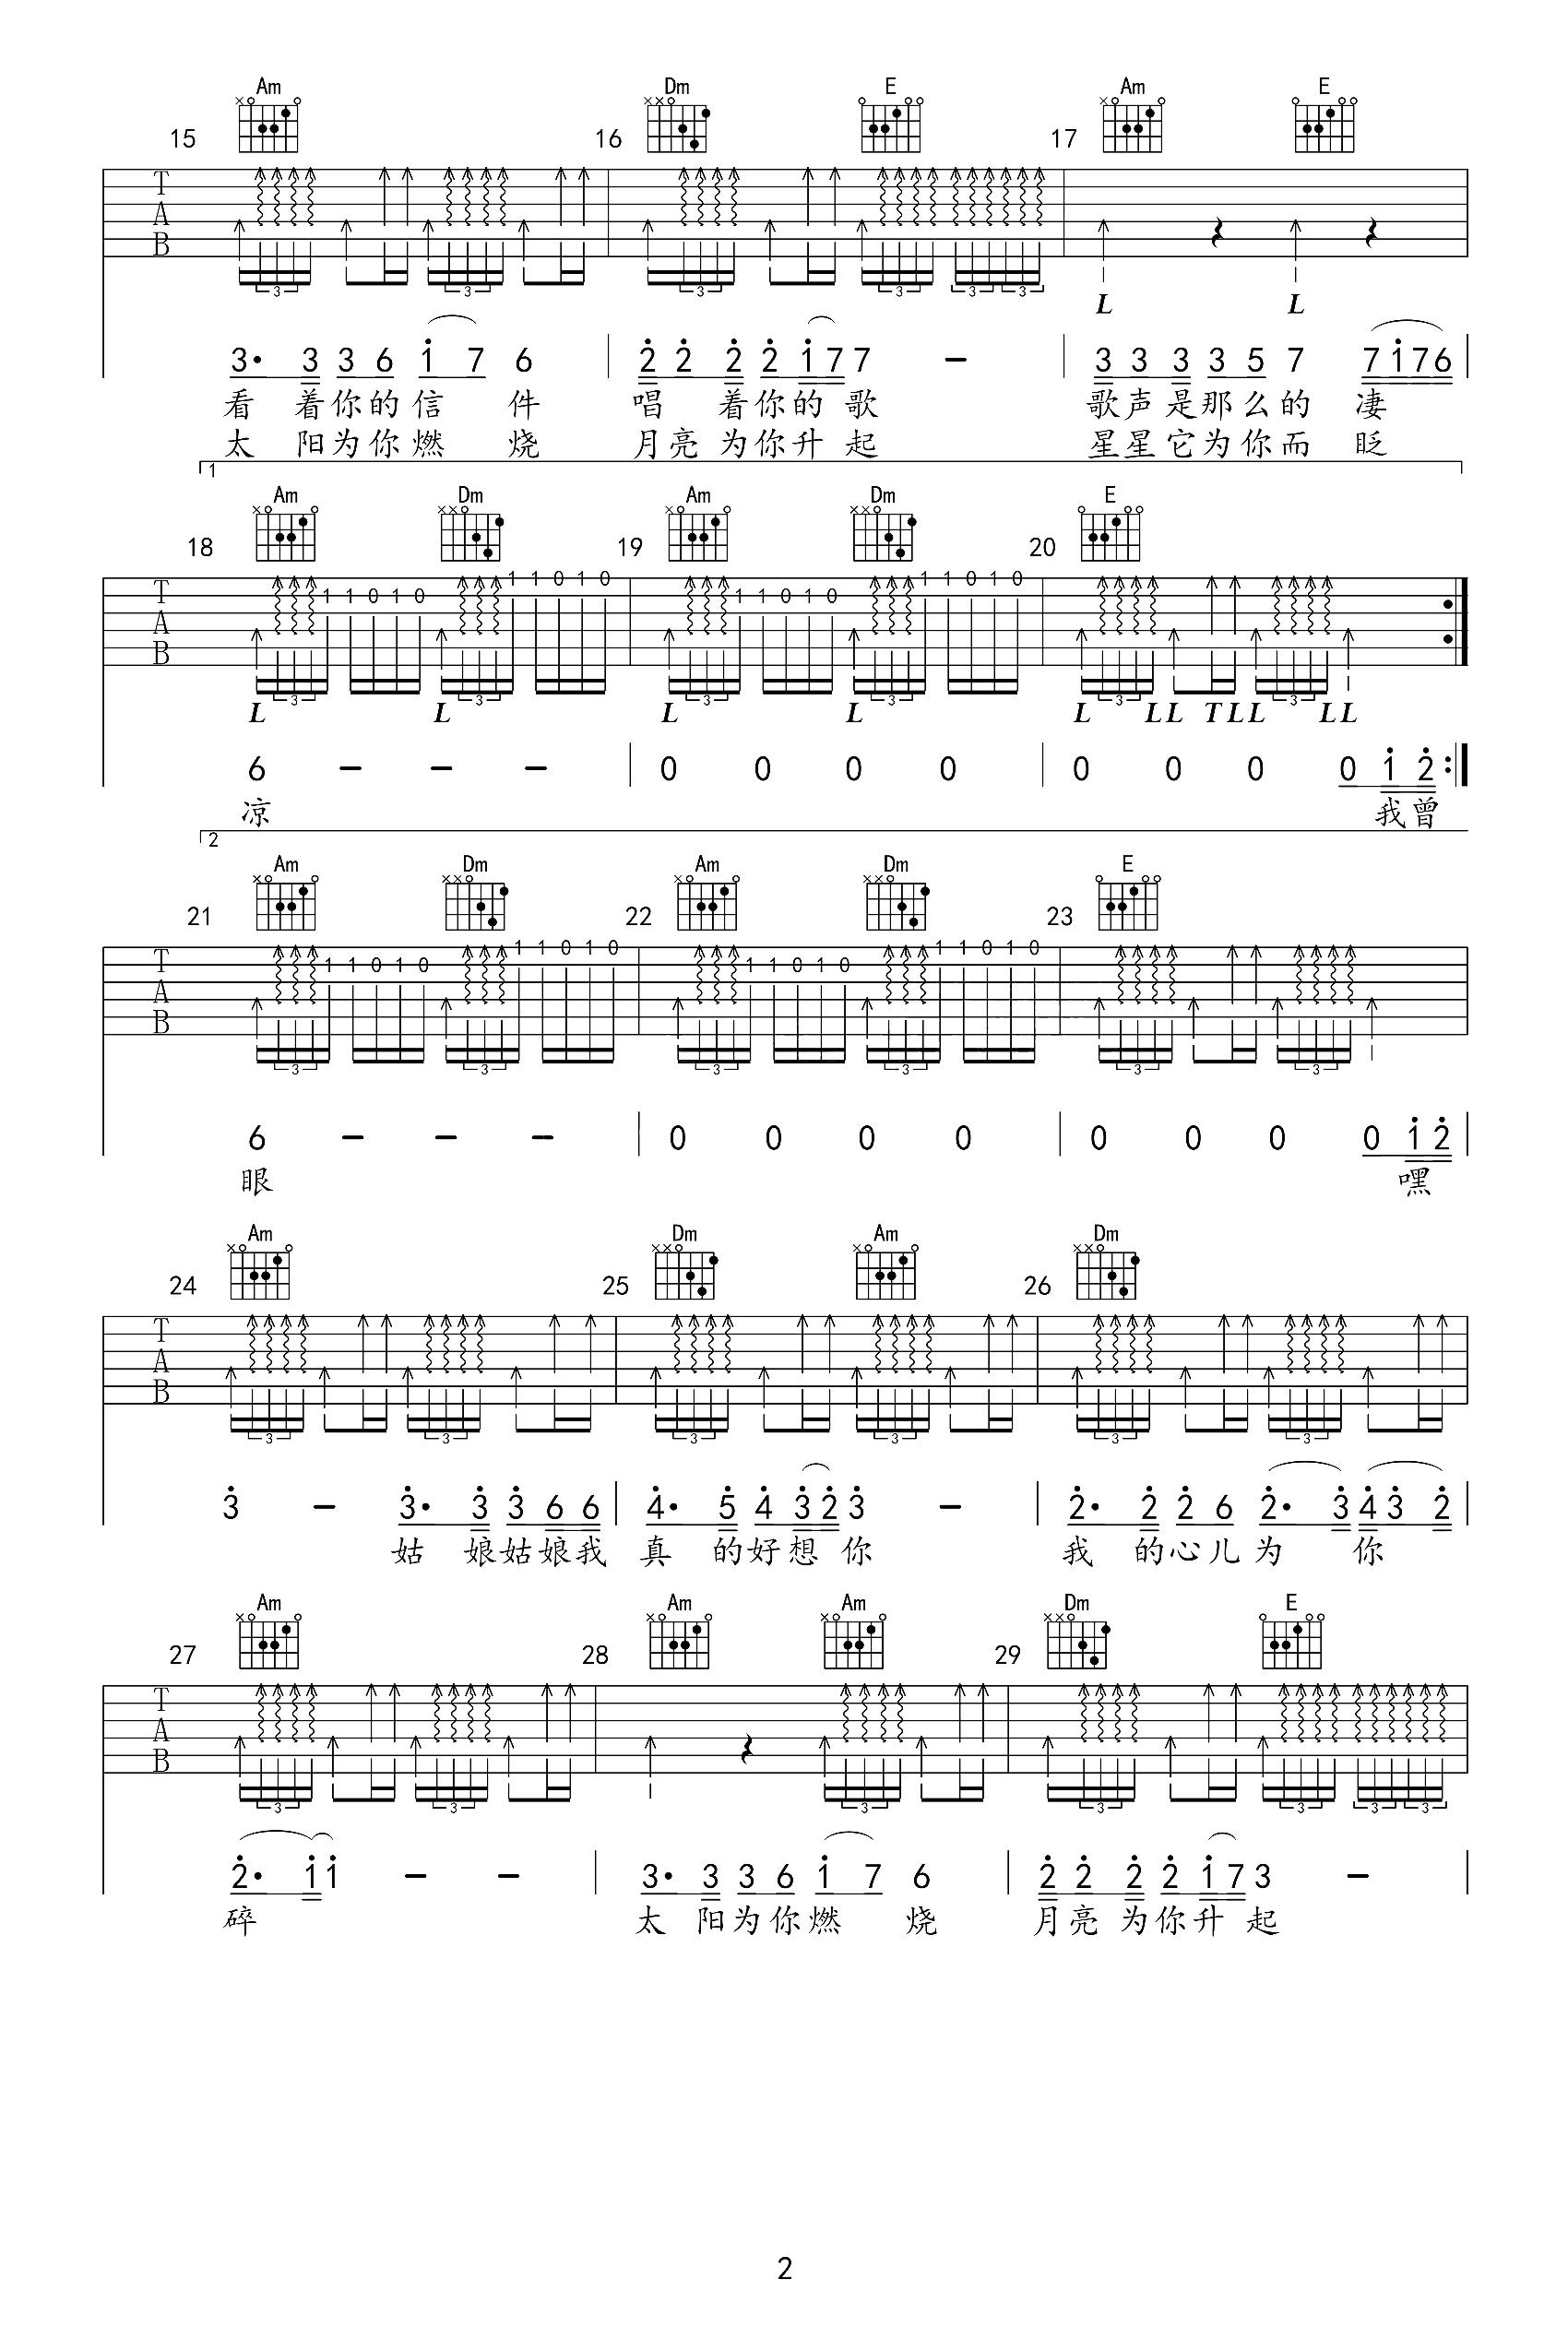 姑娘吉他谱-陈楚生 梦见你那美丽的笑脸2